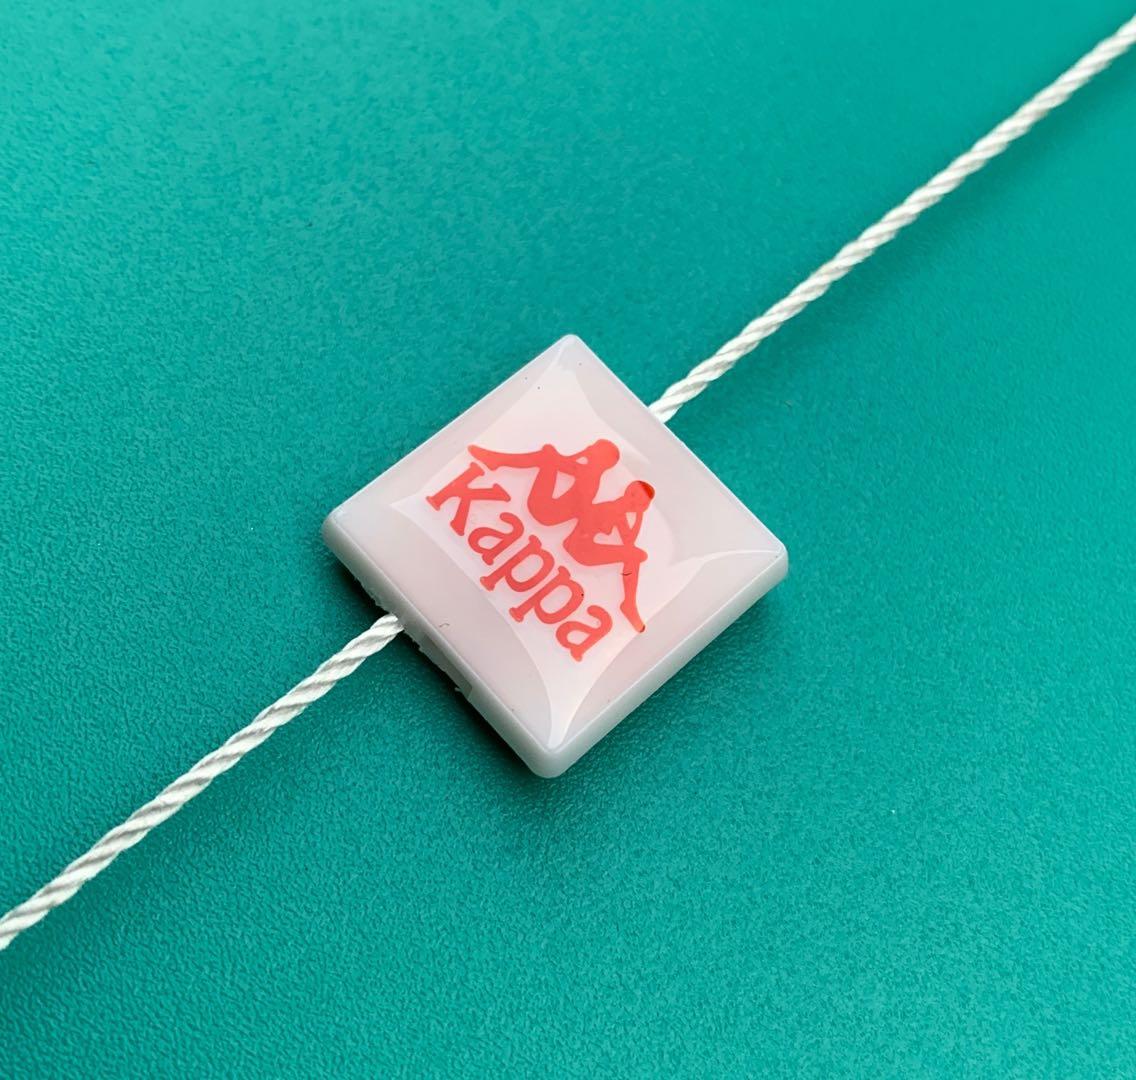 滴膠吊粒吊牌—吊粒廠家—巧爾丹塑料制品廠